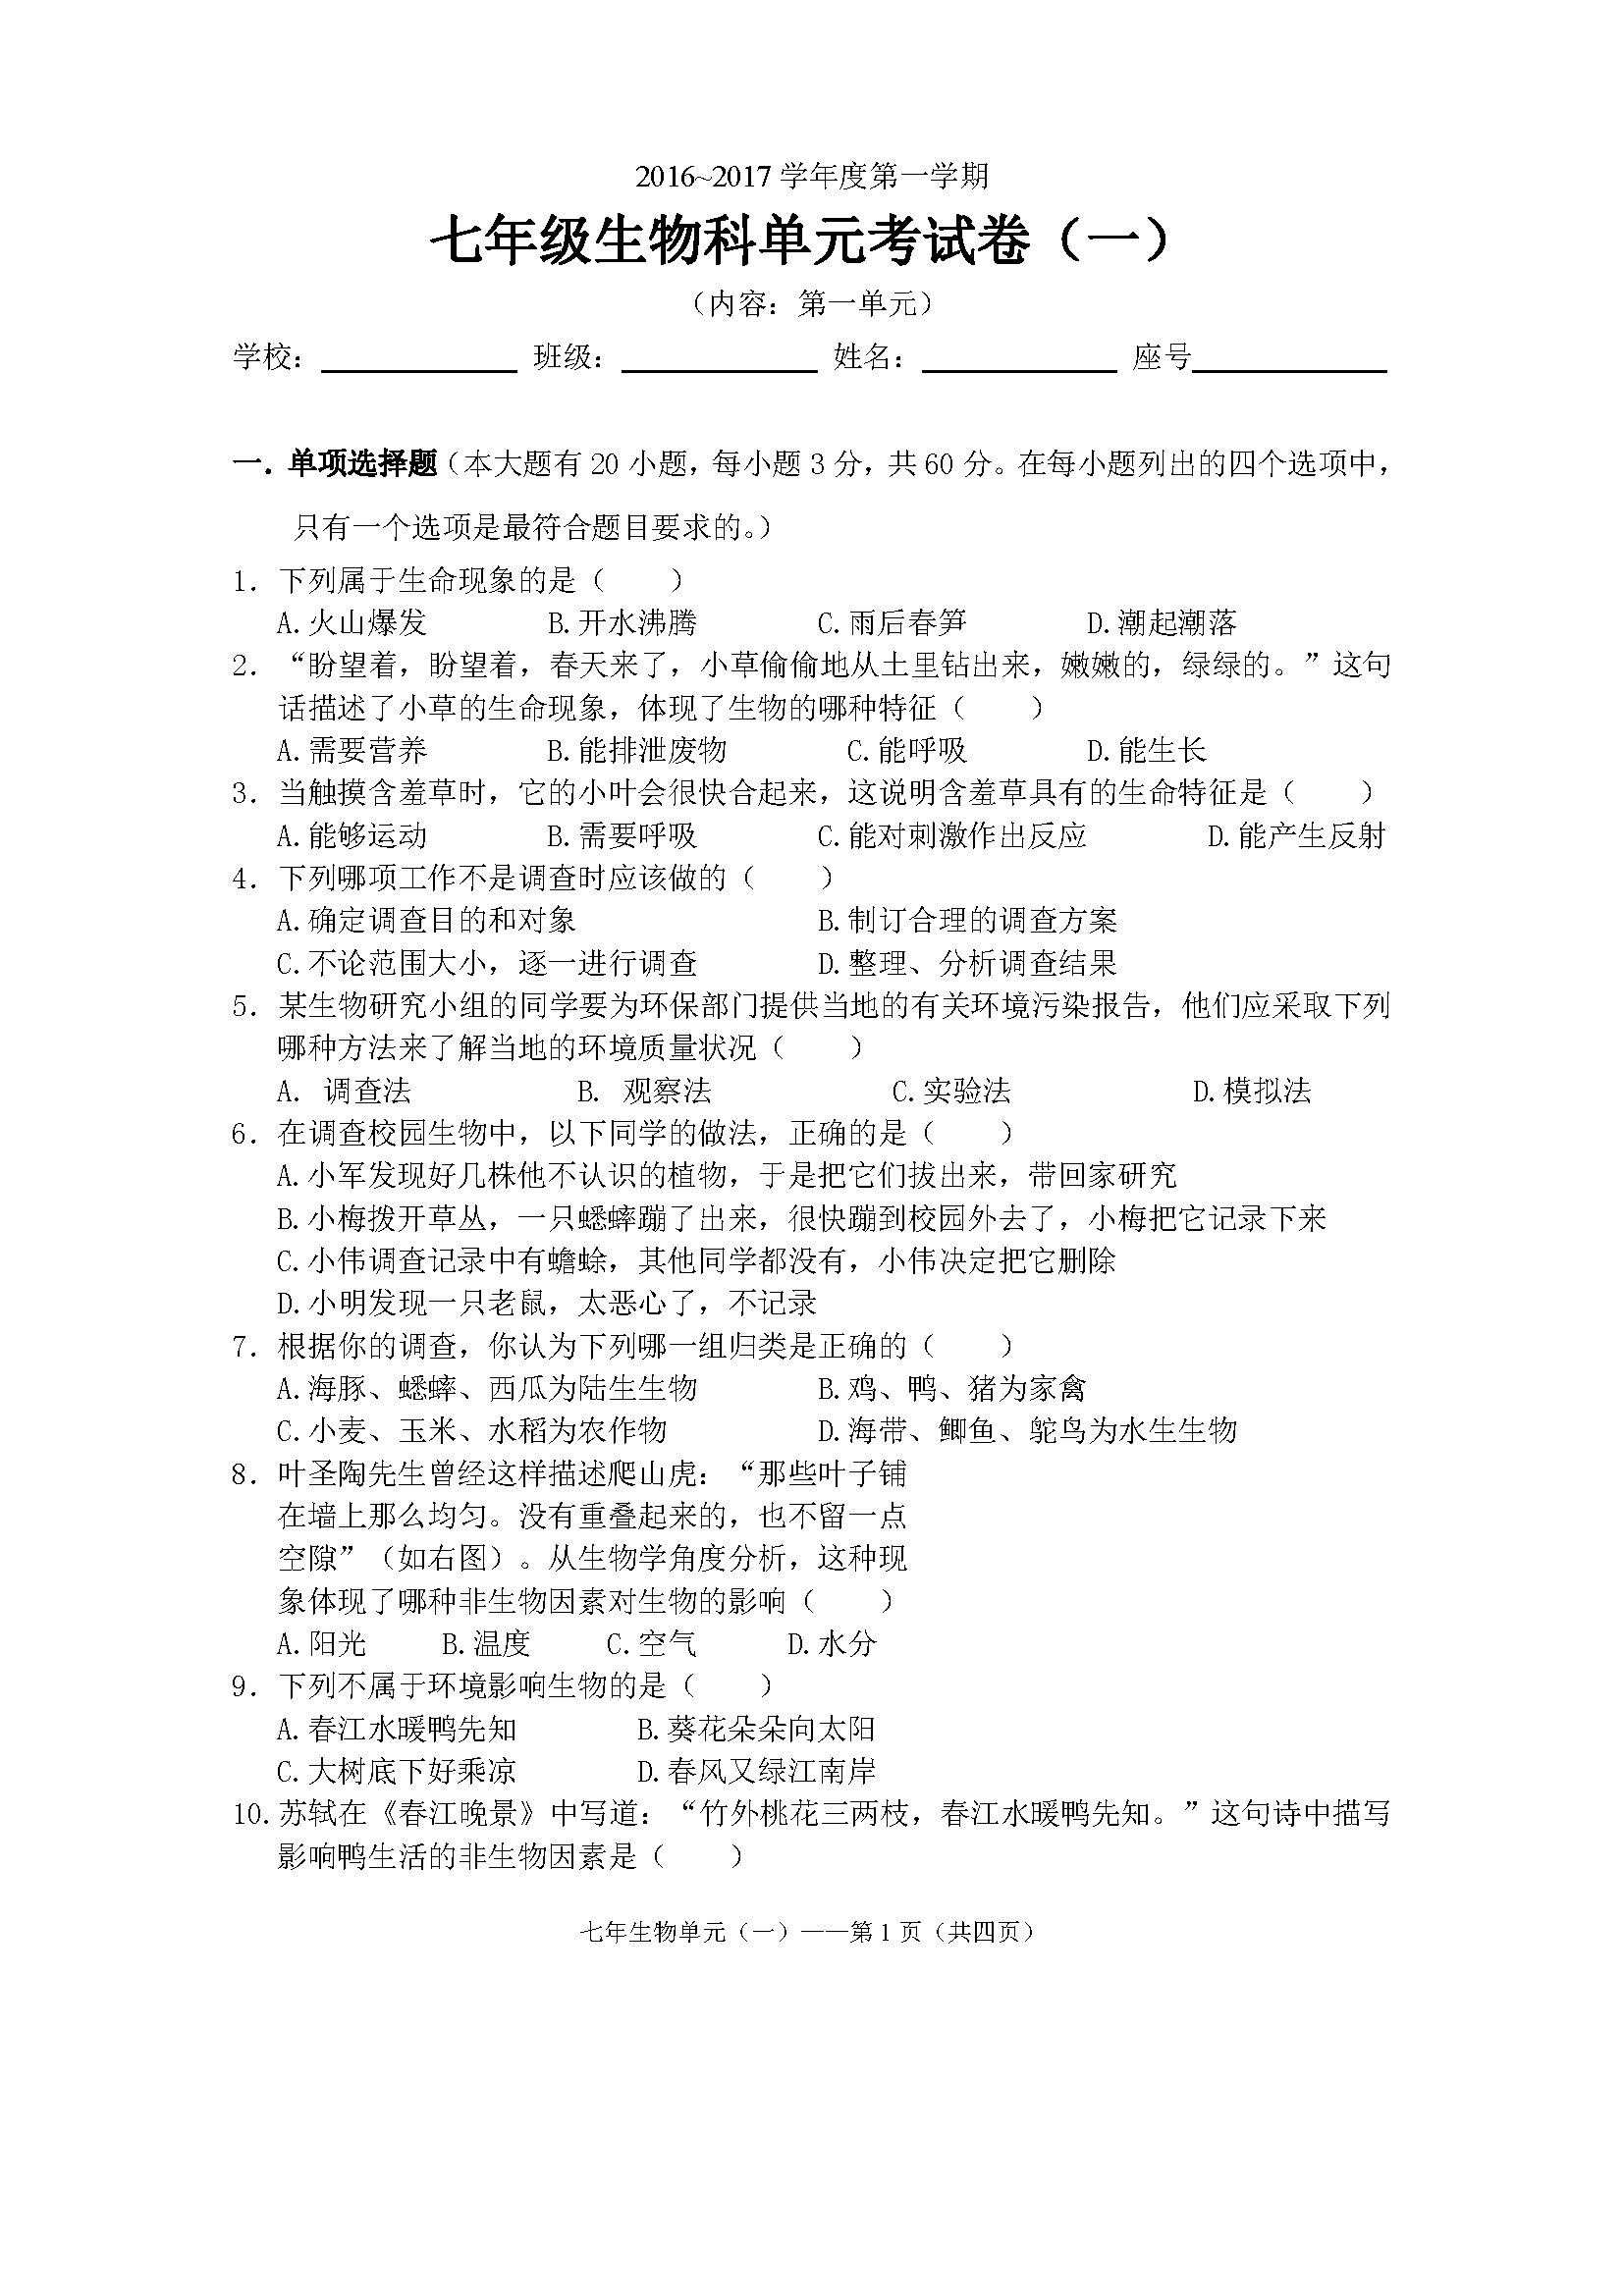 广东汕头2017七年上生物单元测试(一)试题(Word版)